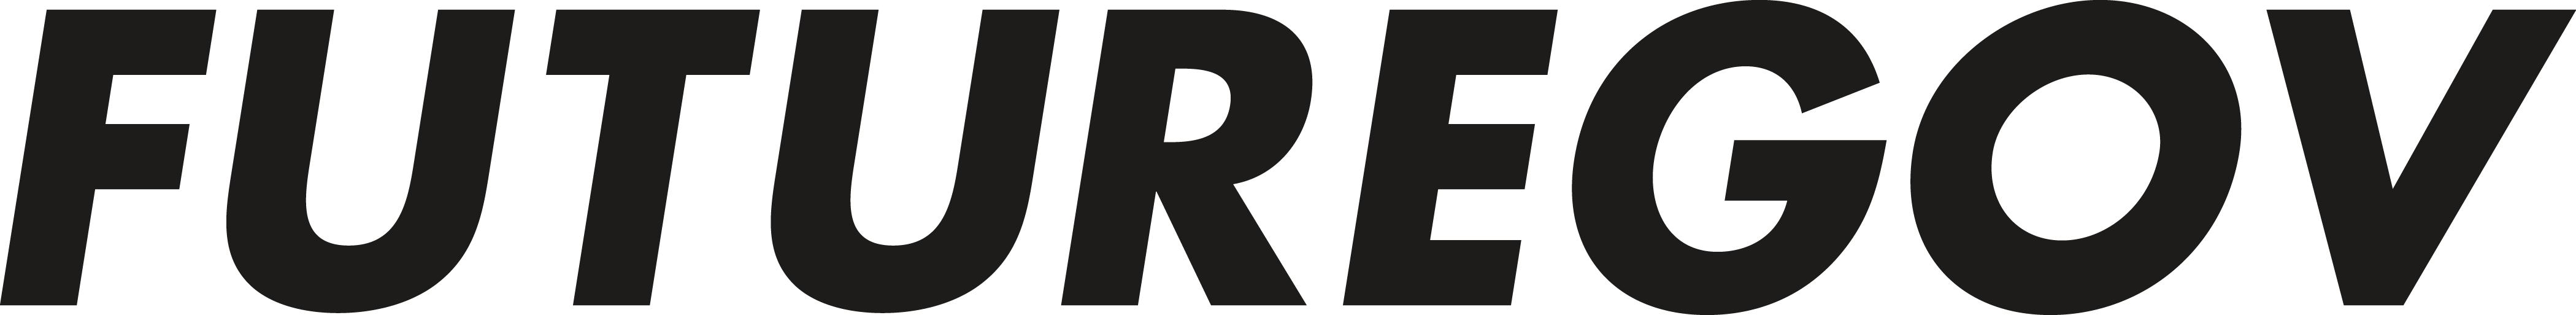 Futuregov written in caps in black